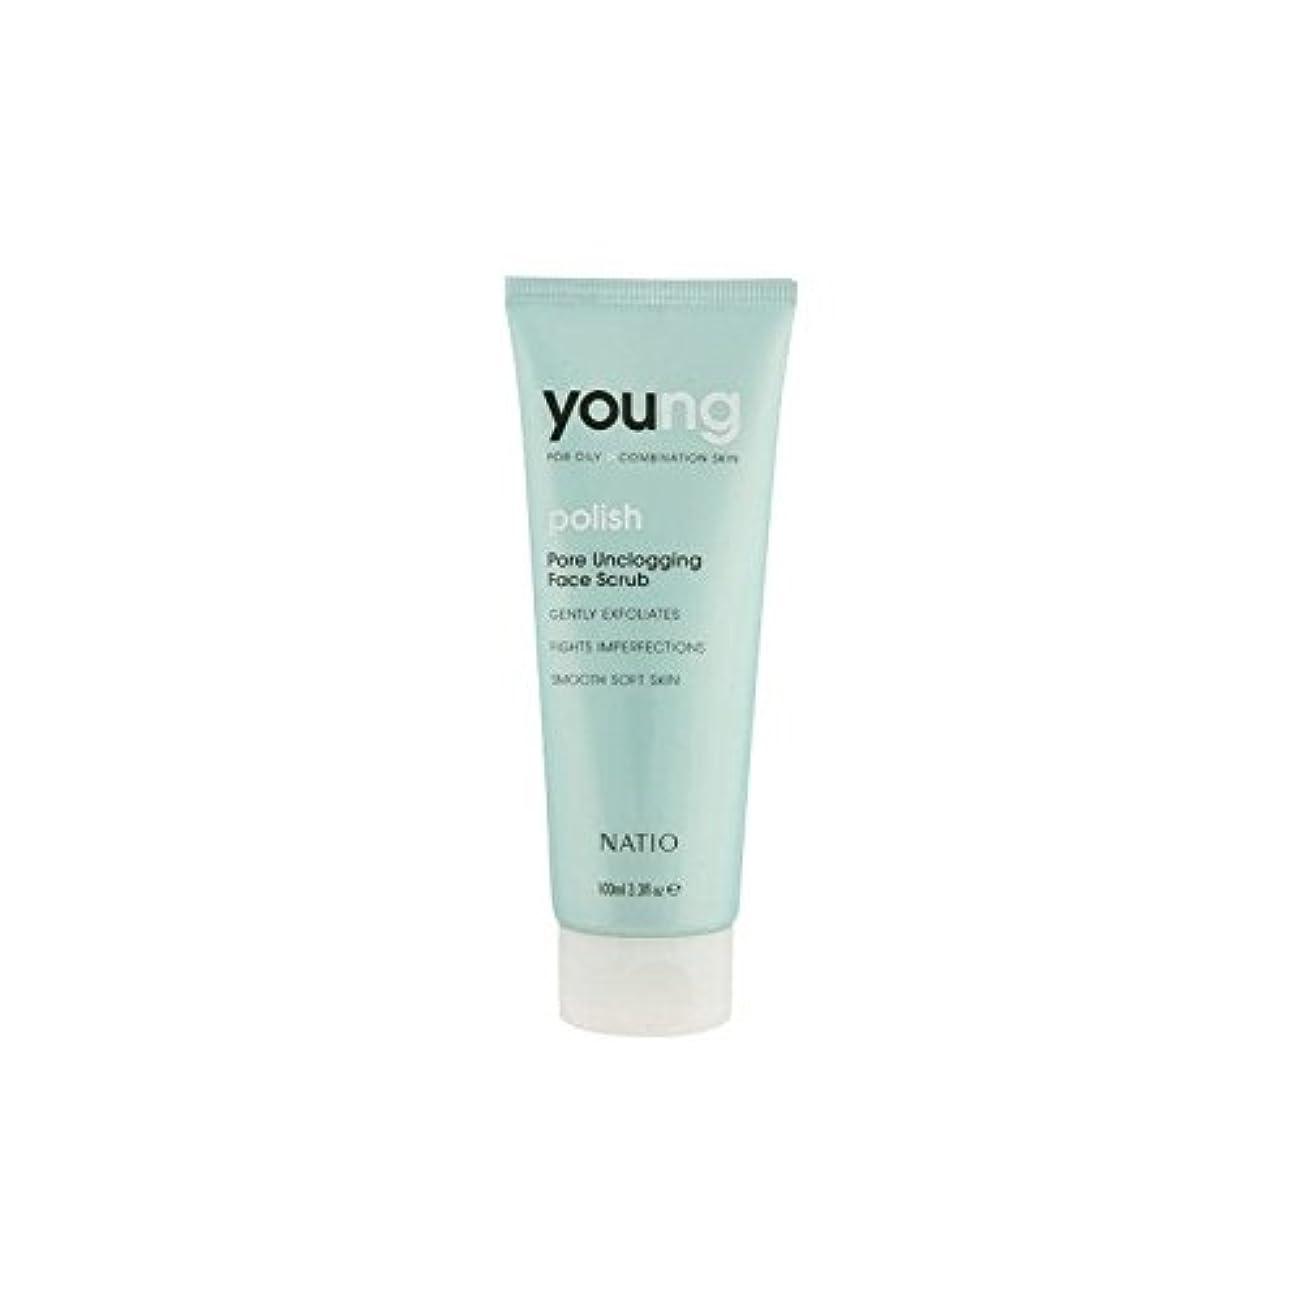 風邪をひくしかしながら研究所若いポア顔スクラブ(100ミリリットル) x2 - Natio Young Pore Unclogging Face Scrub (100ml) (Pack of 2) [並行輸入品]